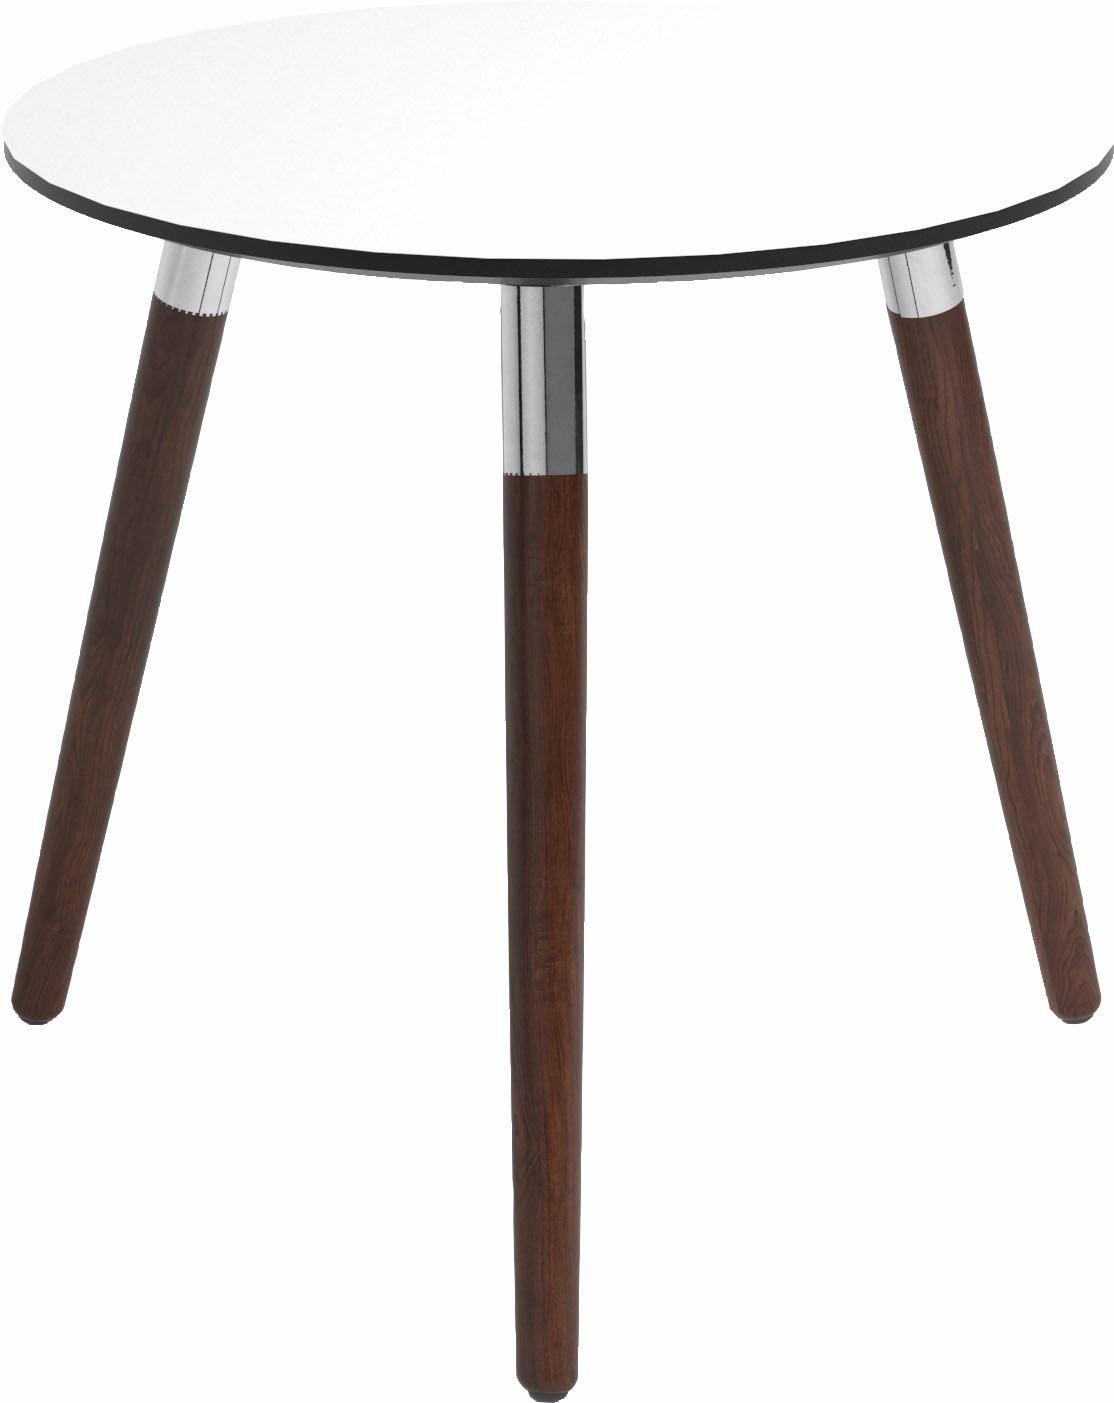 buchenholz beistelltische online kaufen m bel suchmaschine. Black Bedroom Furniture Sets. Home Design Ideas